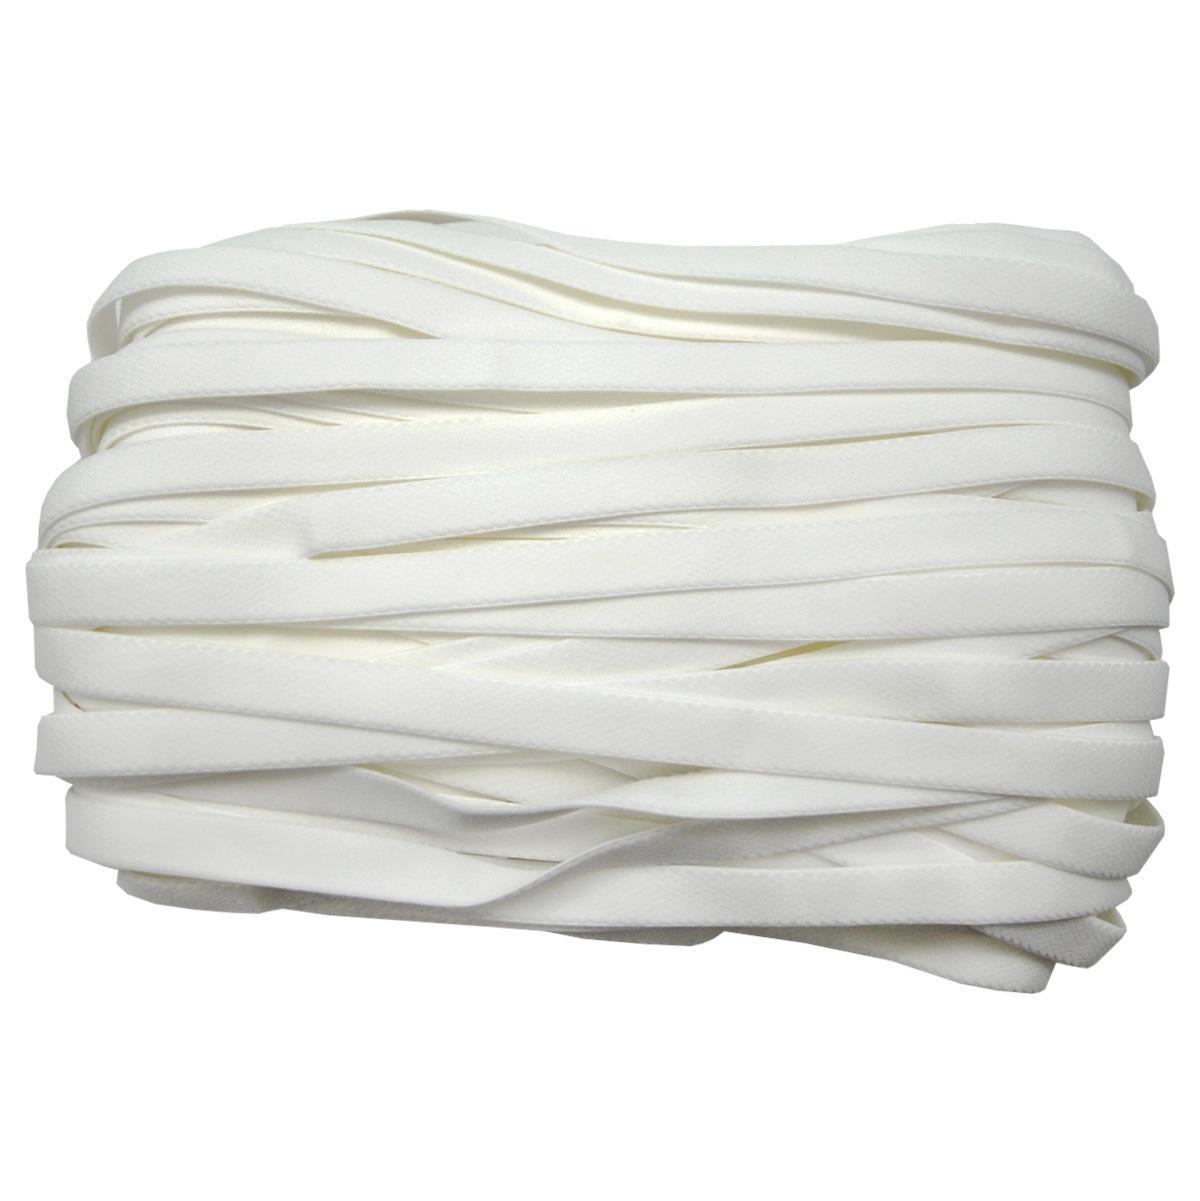 ST/02 эластичная бретелечная лента 12мм*50м, белый